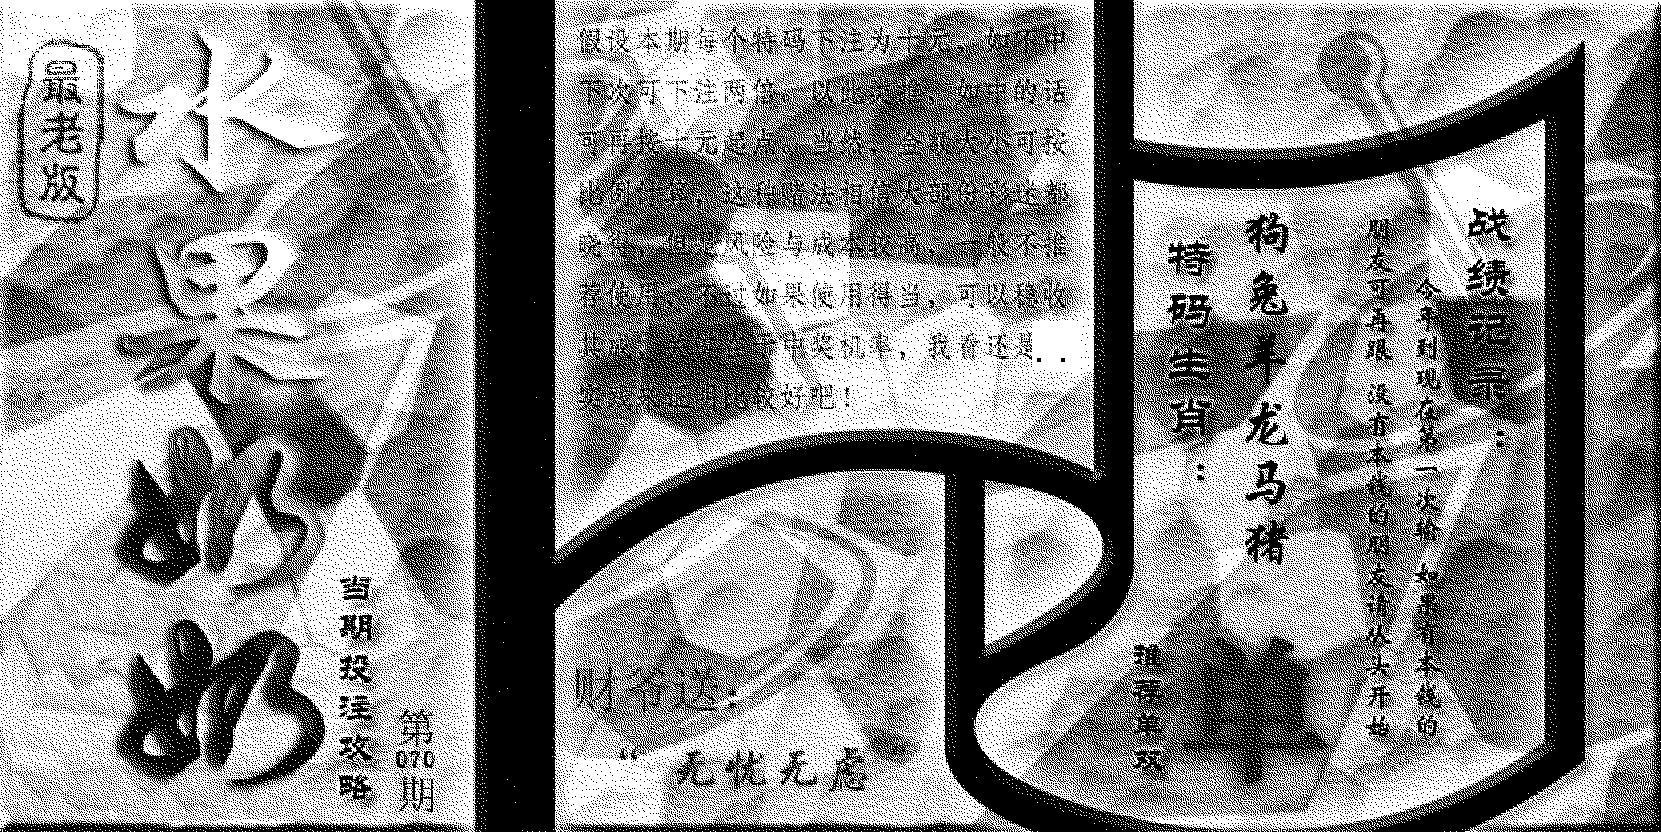 070期(九龙单双攻略)老版(黑白)